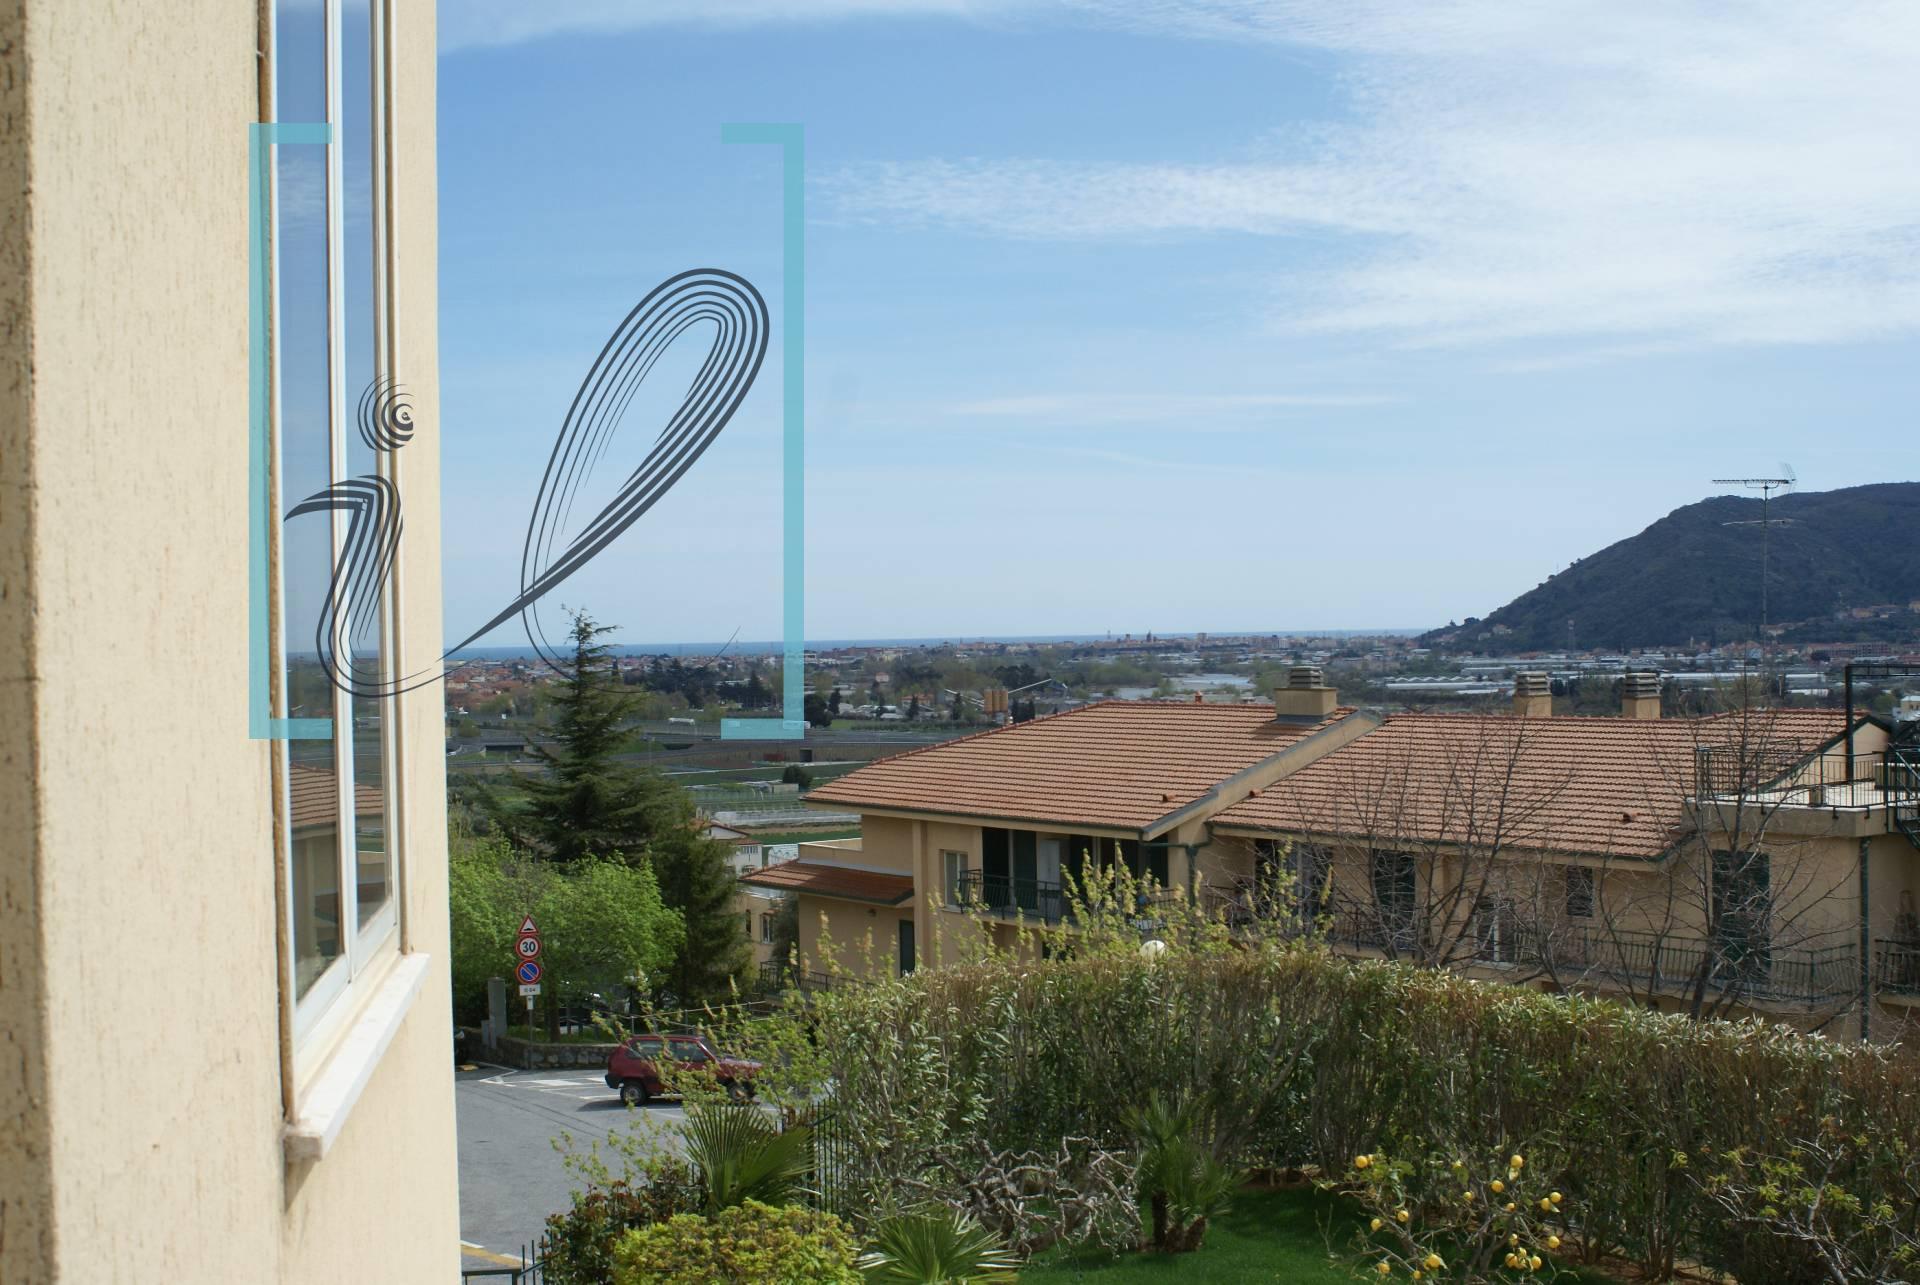 Appartamento in vendita a Villanova d'Albenga, 2 locali, prezzo € 140.000 | CambioCasa.it